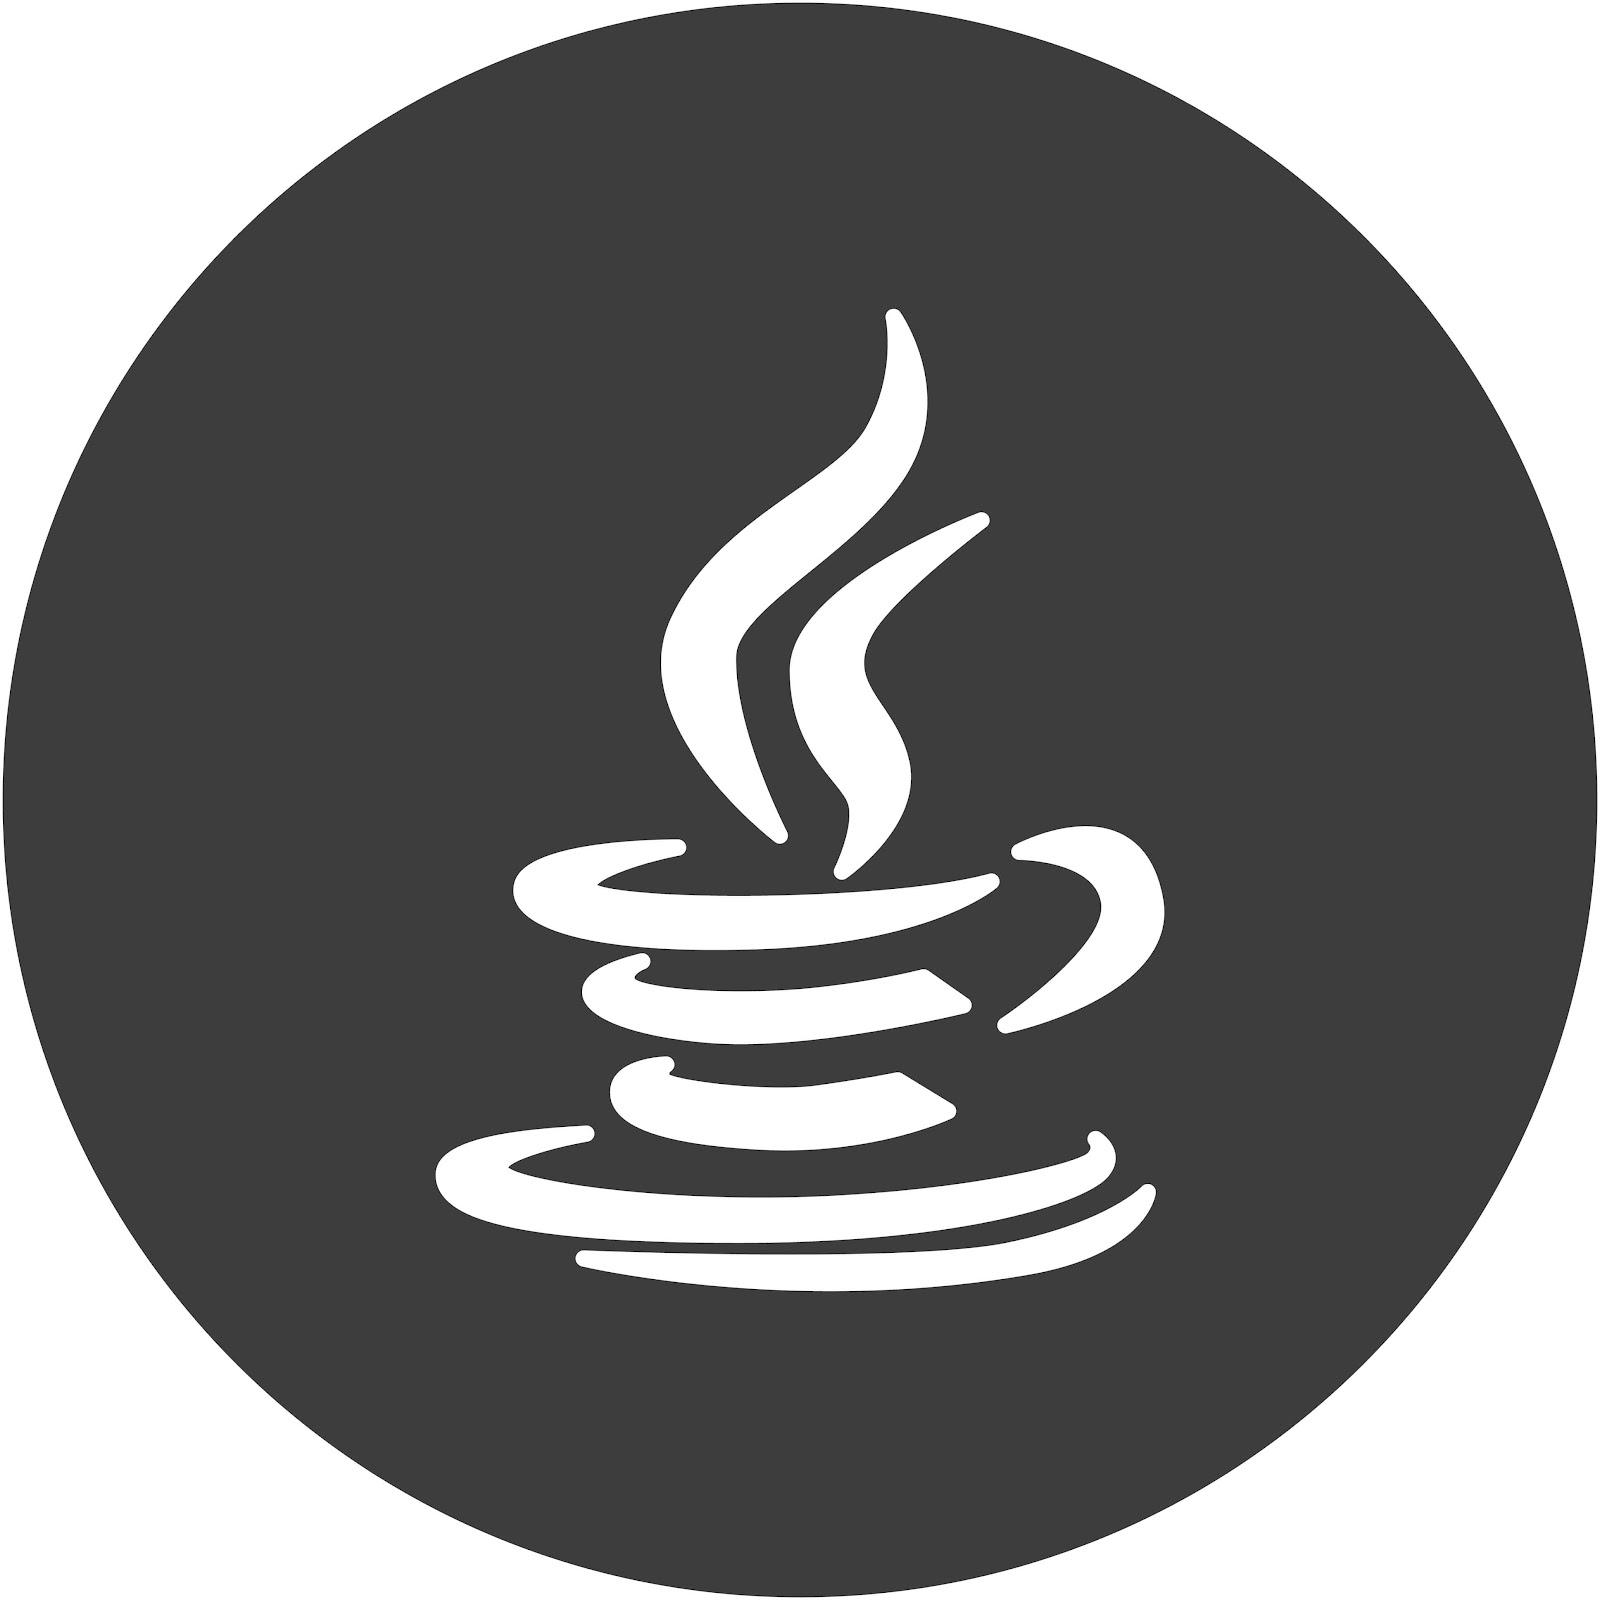 The Java coding language logo.